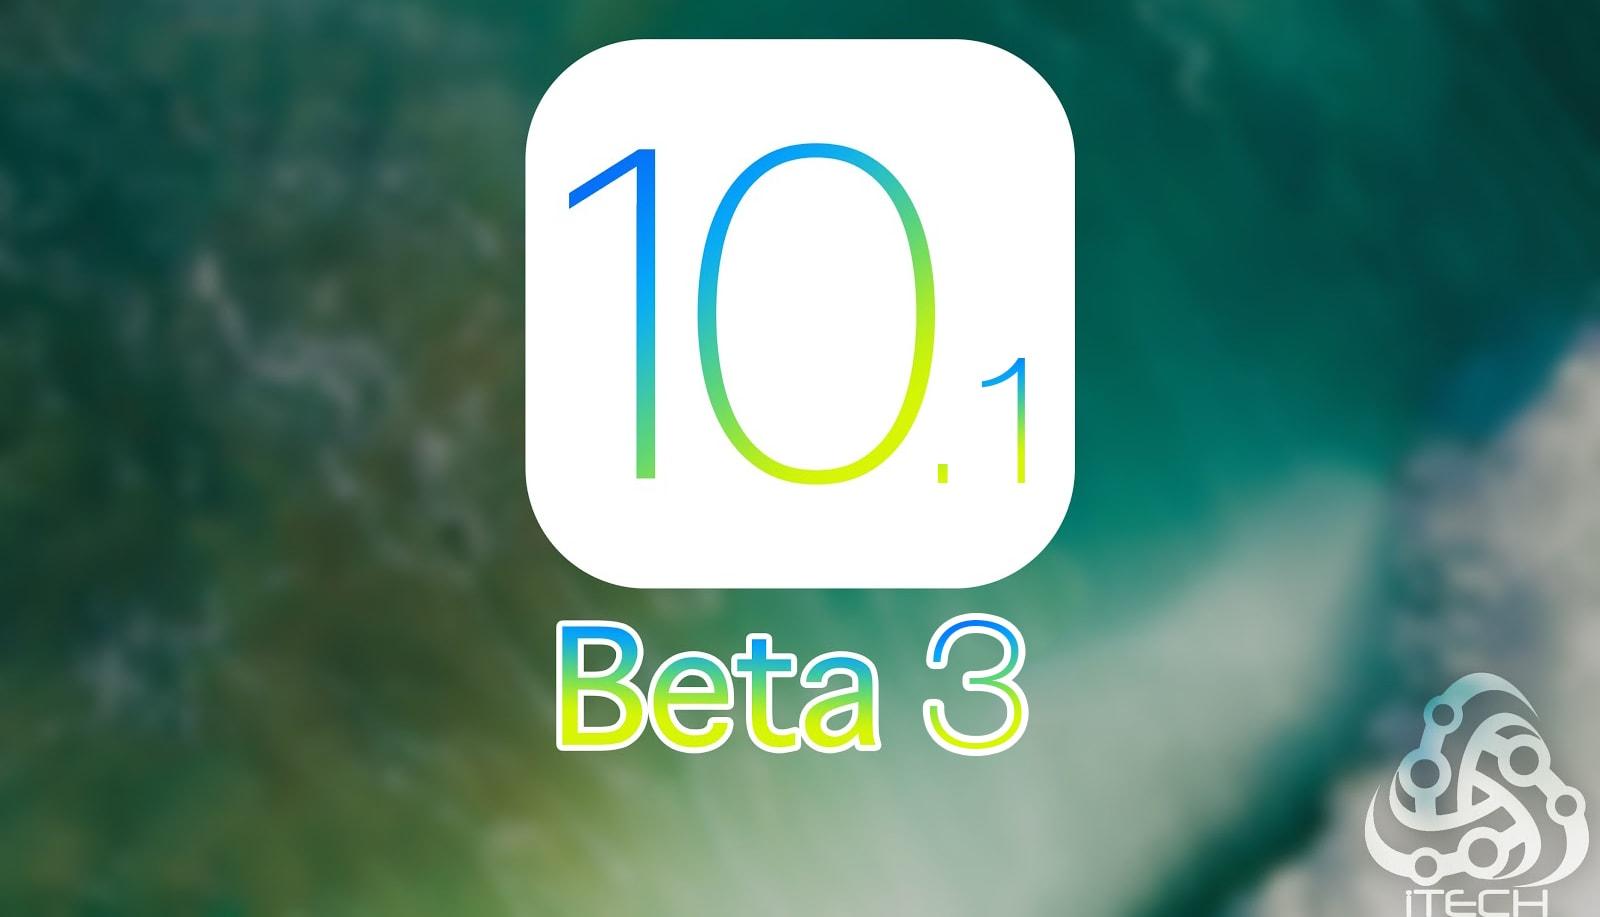 آبل تطلق iOS 10.1 beta 3